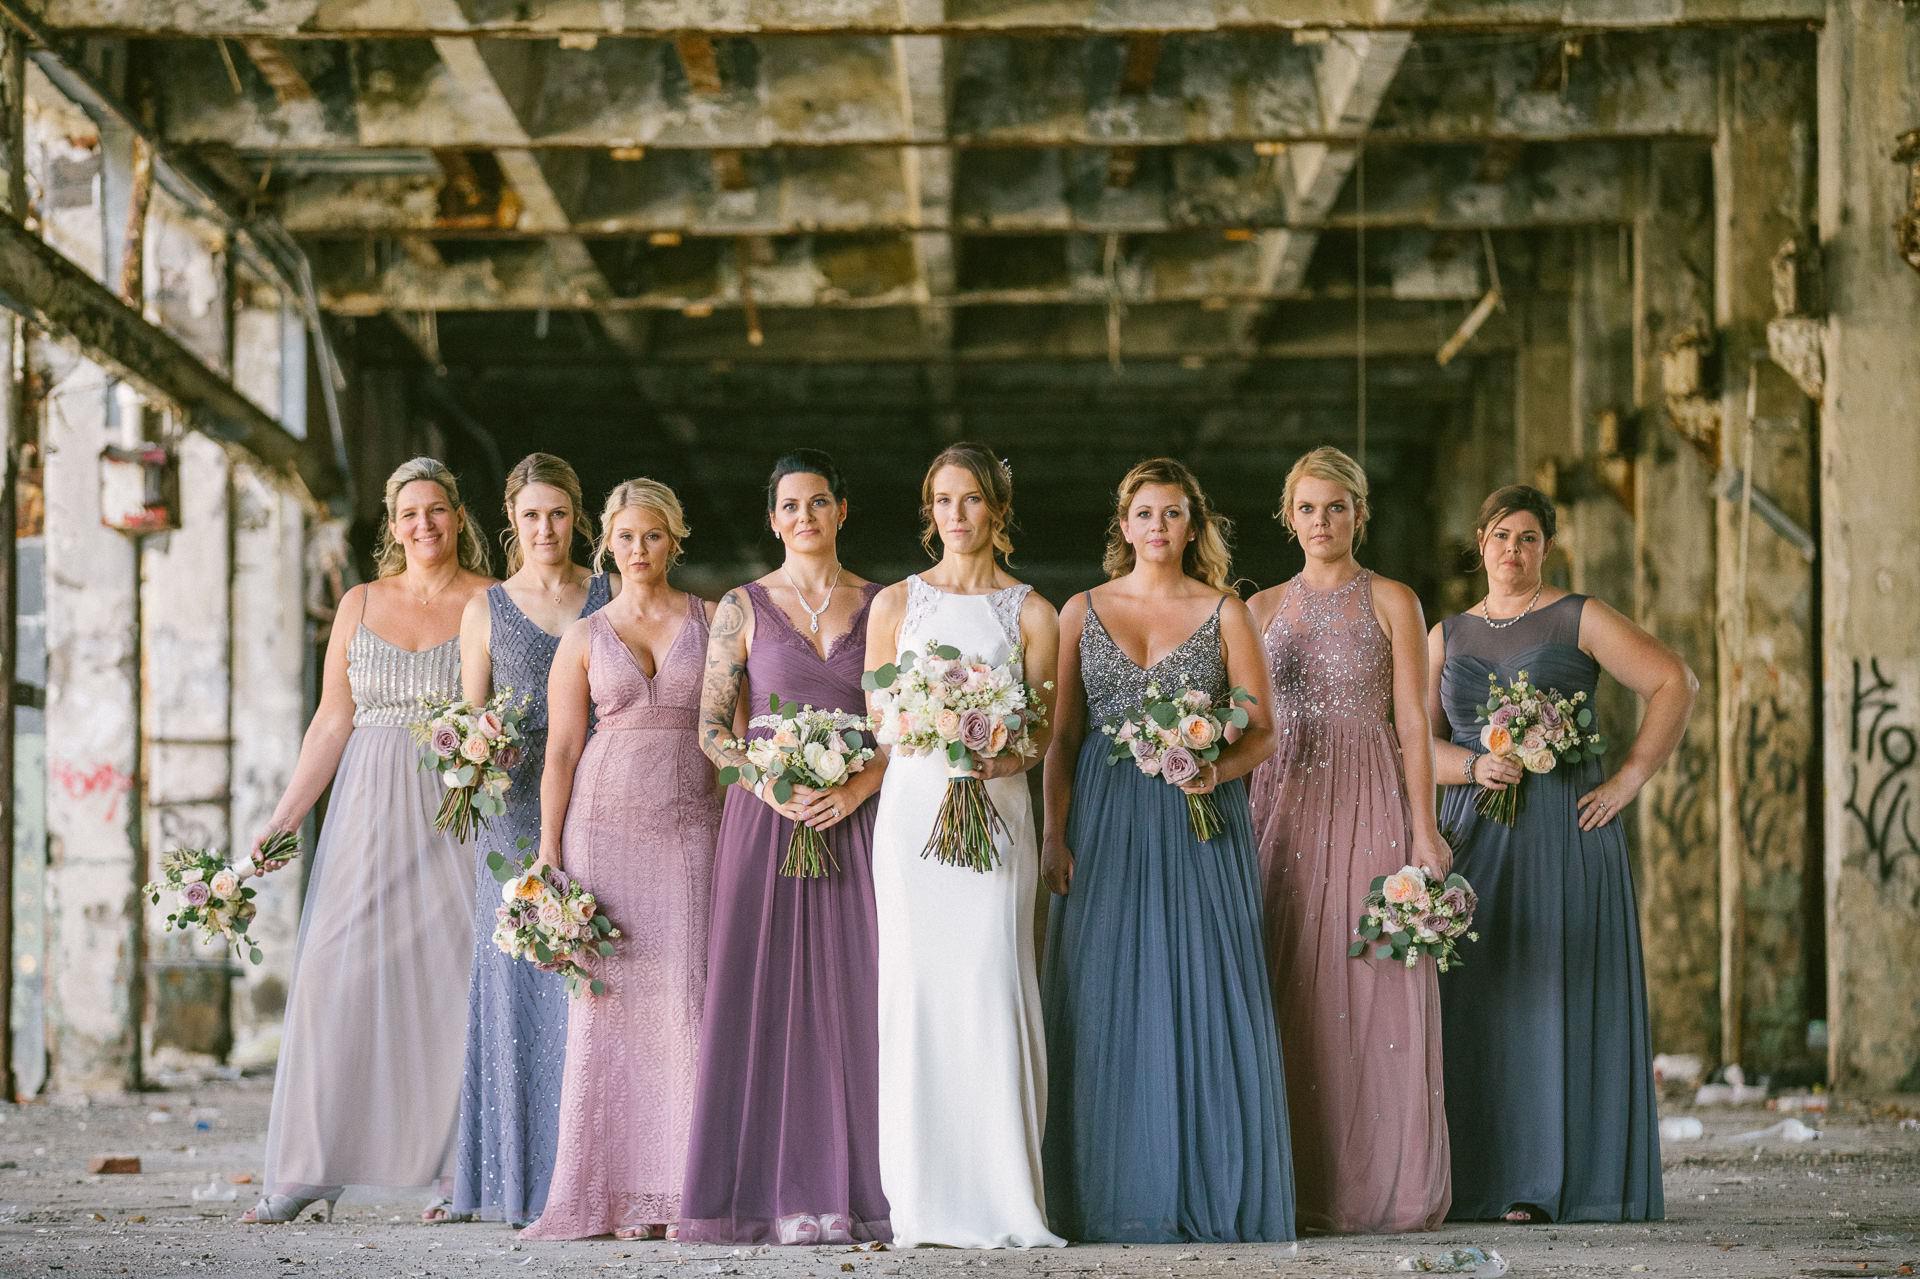 The Madison Wedding Venue Cleveland Wedding Photographer 00162.JPG